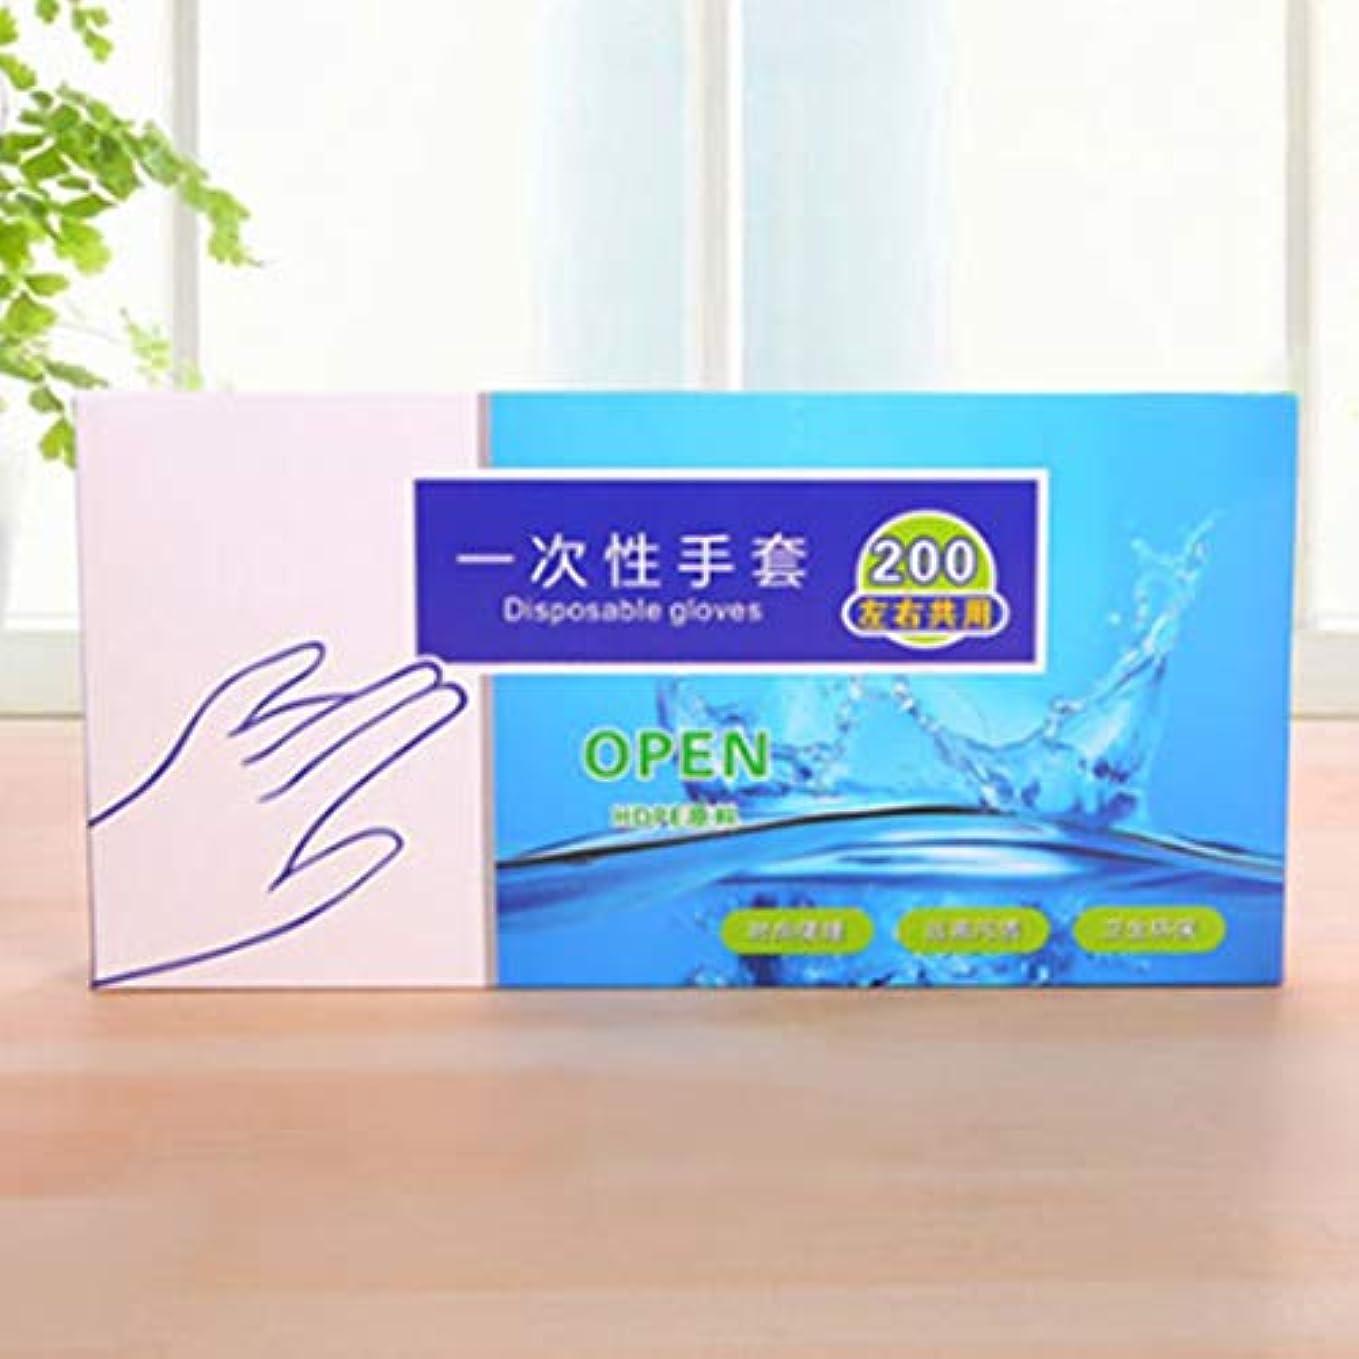 おしゃれじゃない主煙SODAOA屋 使い捨て手袋 透明 実用 衛生 プラスチック 調理 お掃除 毛染め 100枚/200枚 (200)